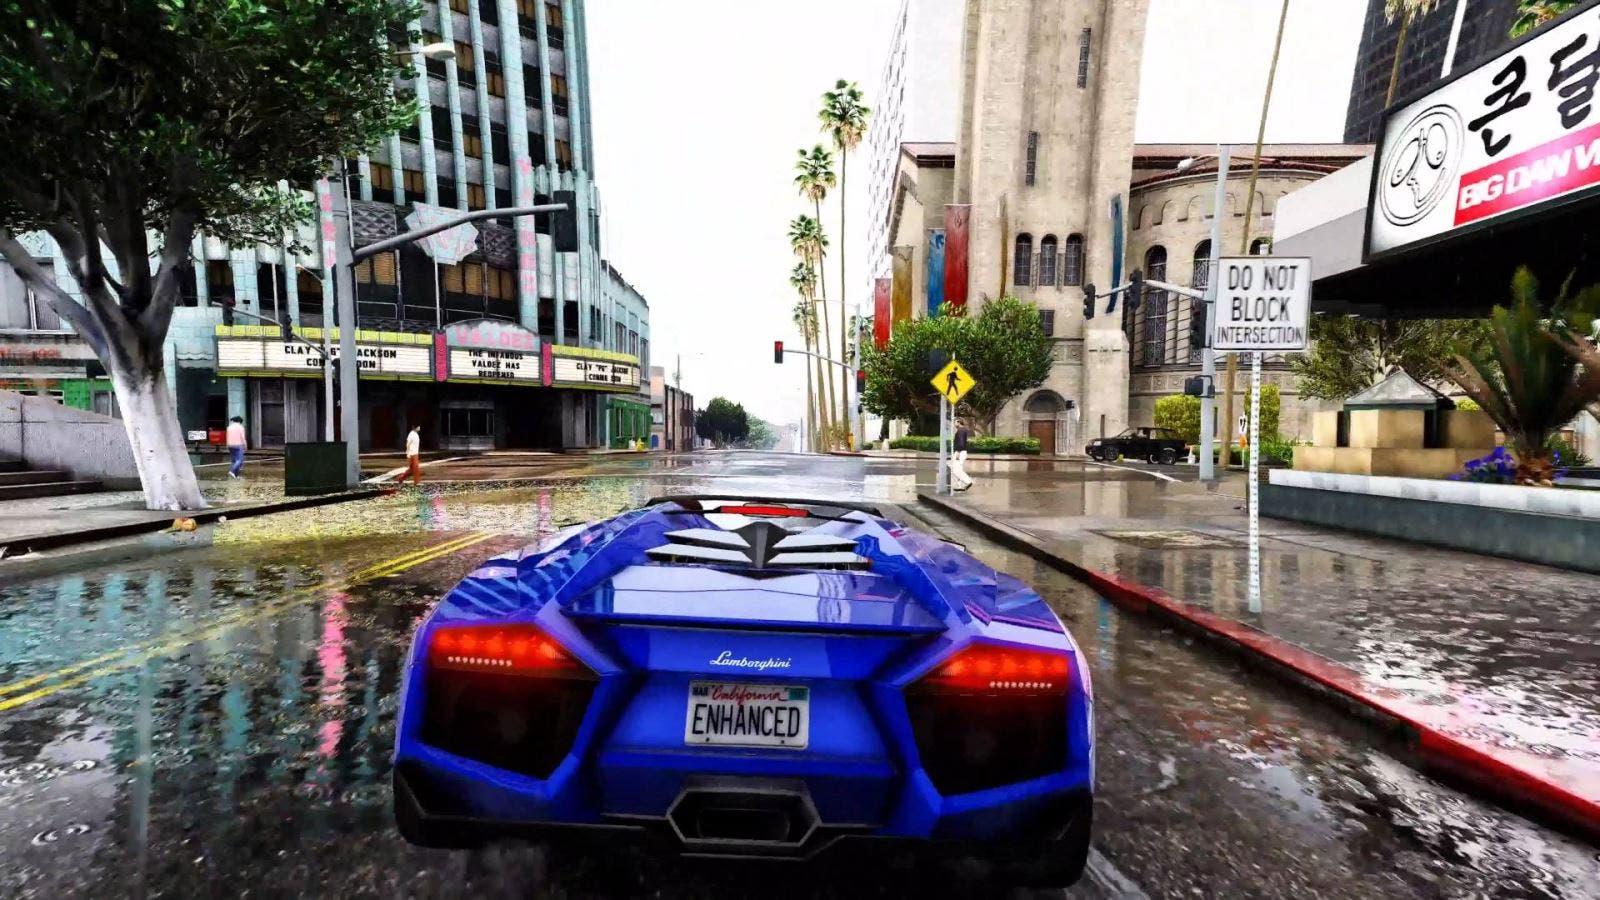 Nueva filtración descubre información sobre Grand Theft Auto VI 3